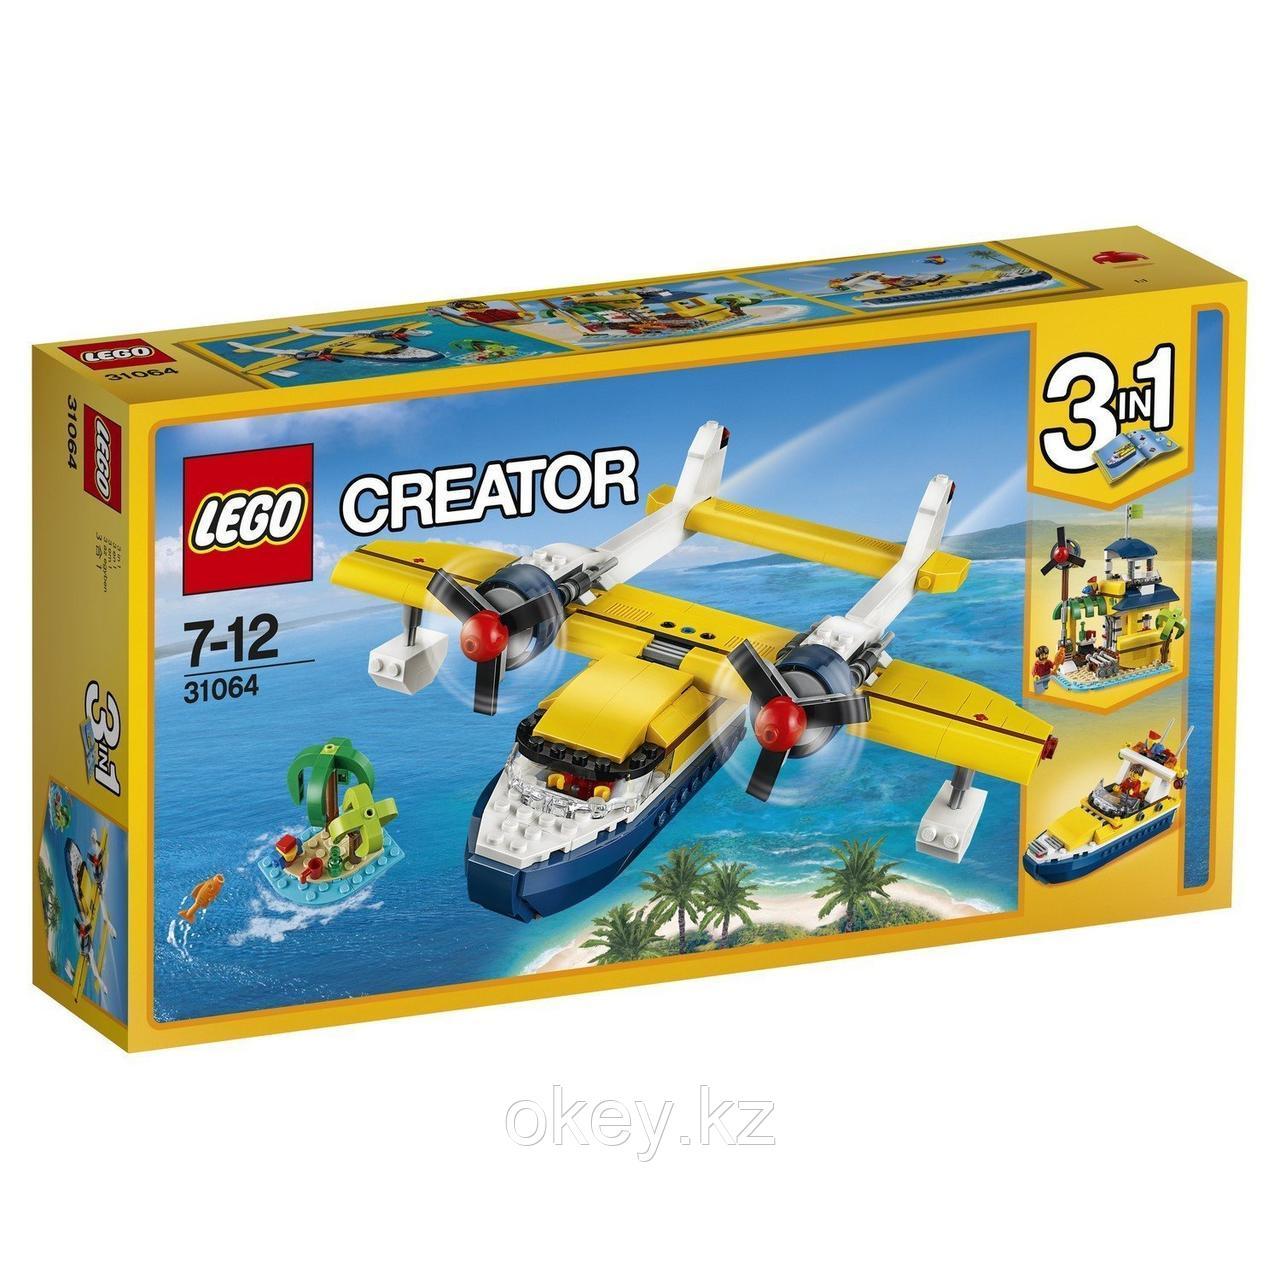 LEGO Creator: Приключения на островах 31064